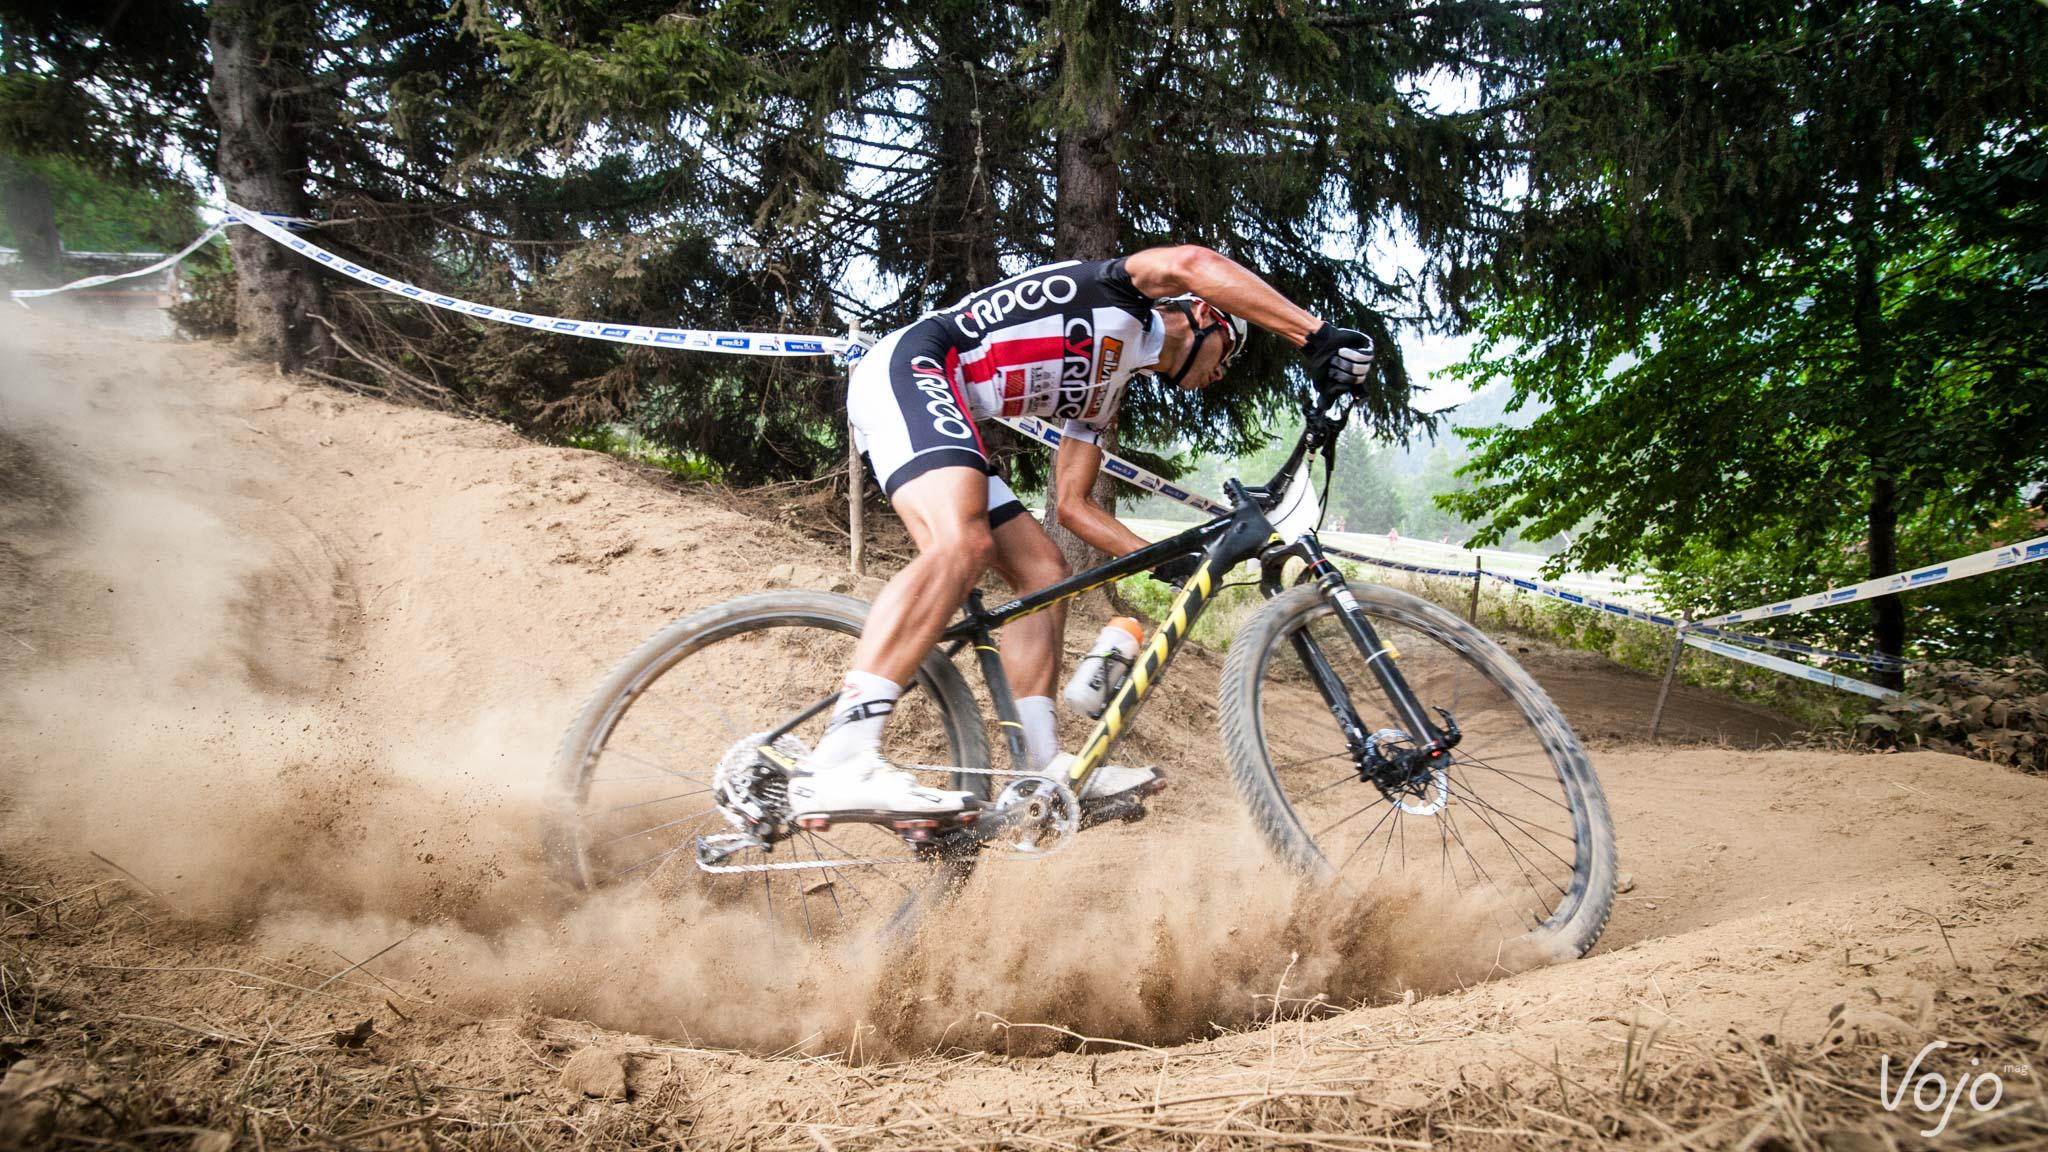 Championnats-de-france-2015-Oz-XC-Espoirs-finale-20